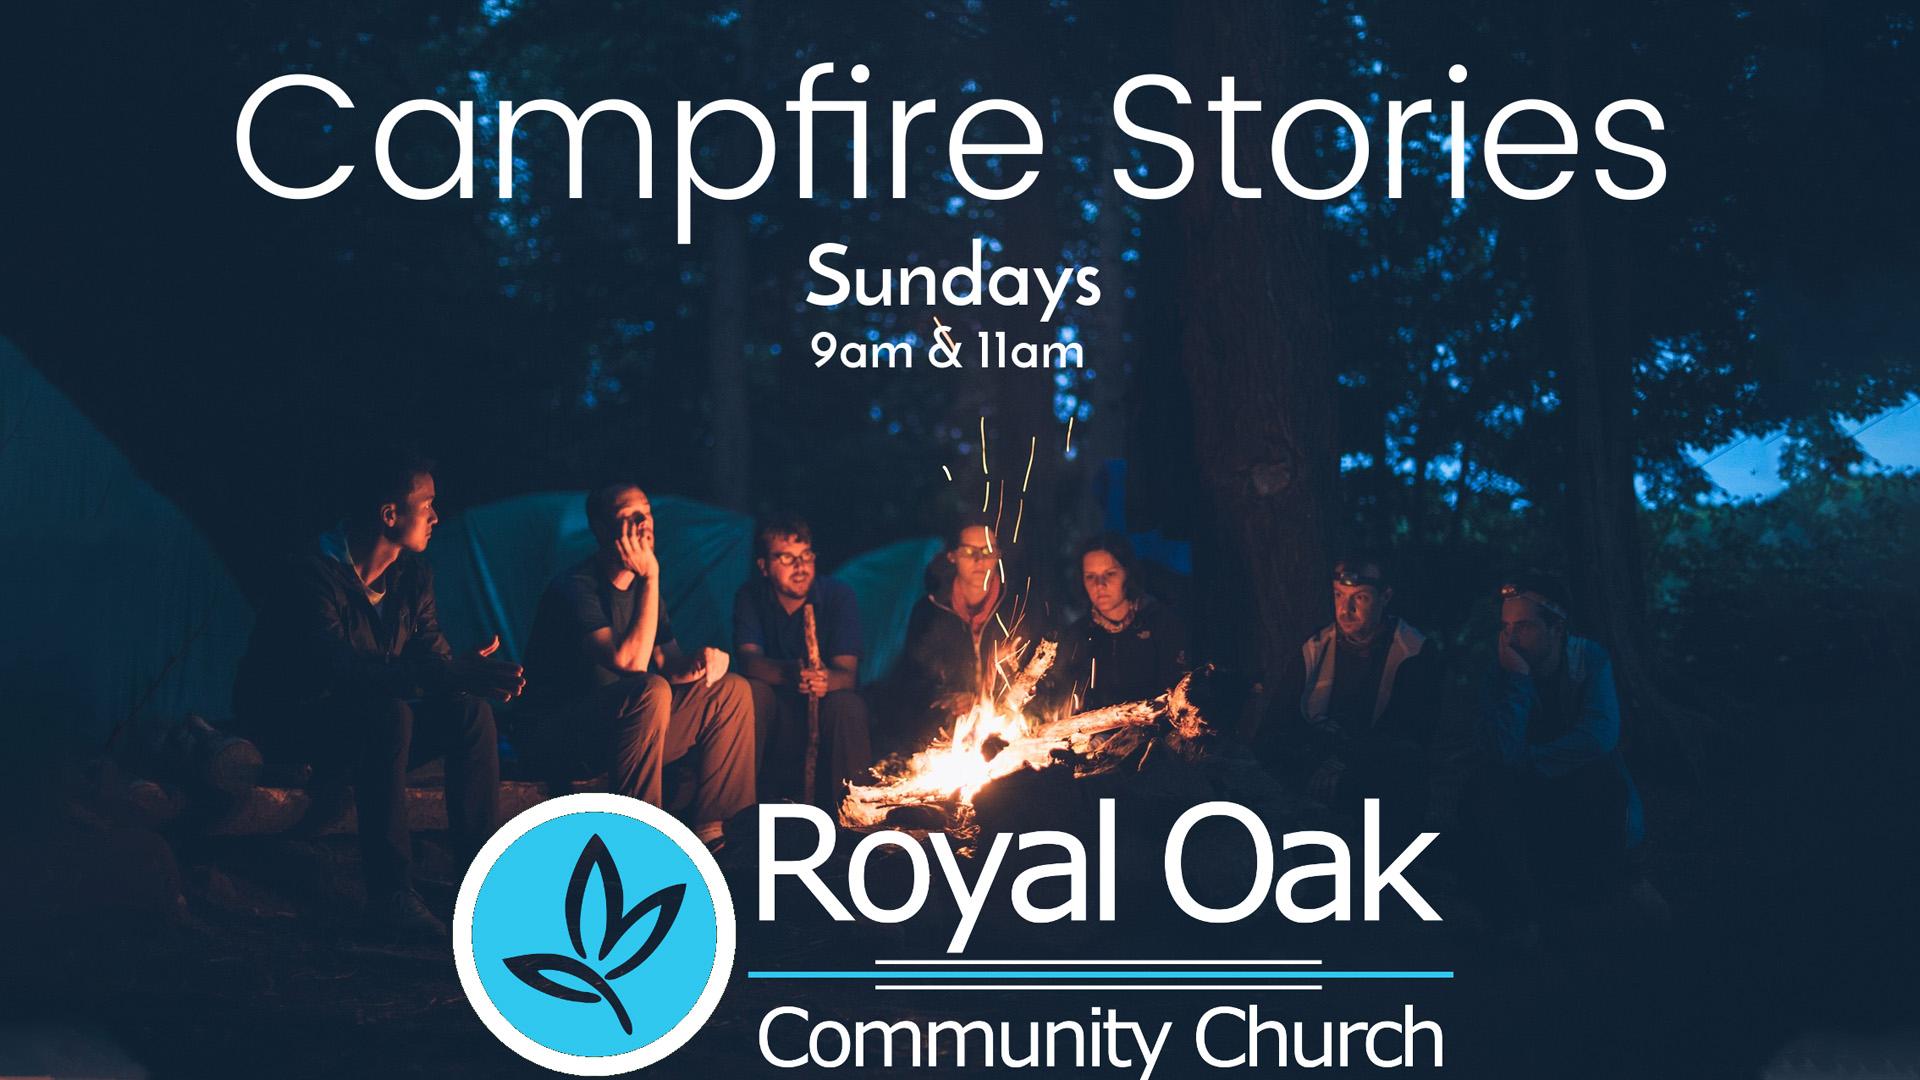 campfiresermon